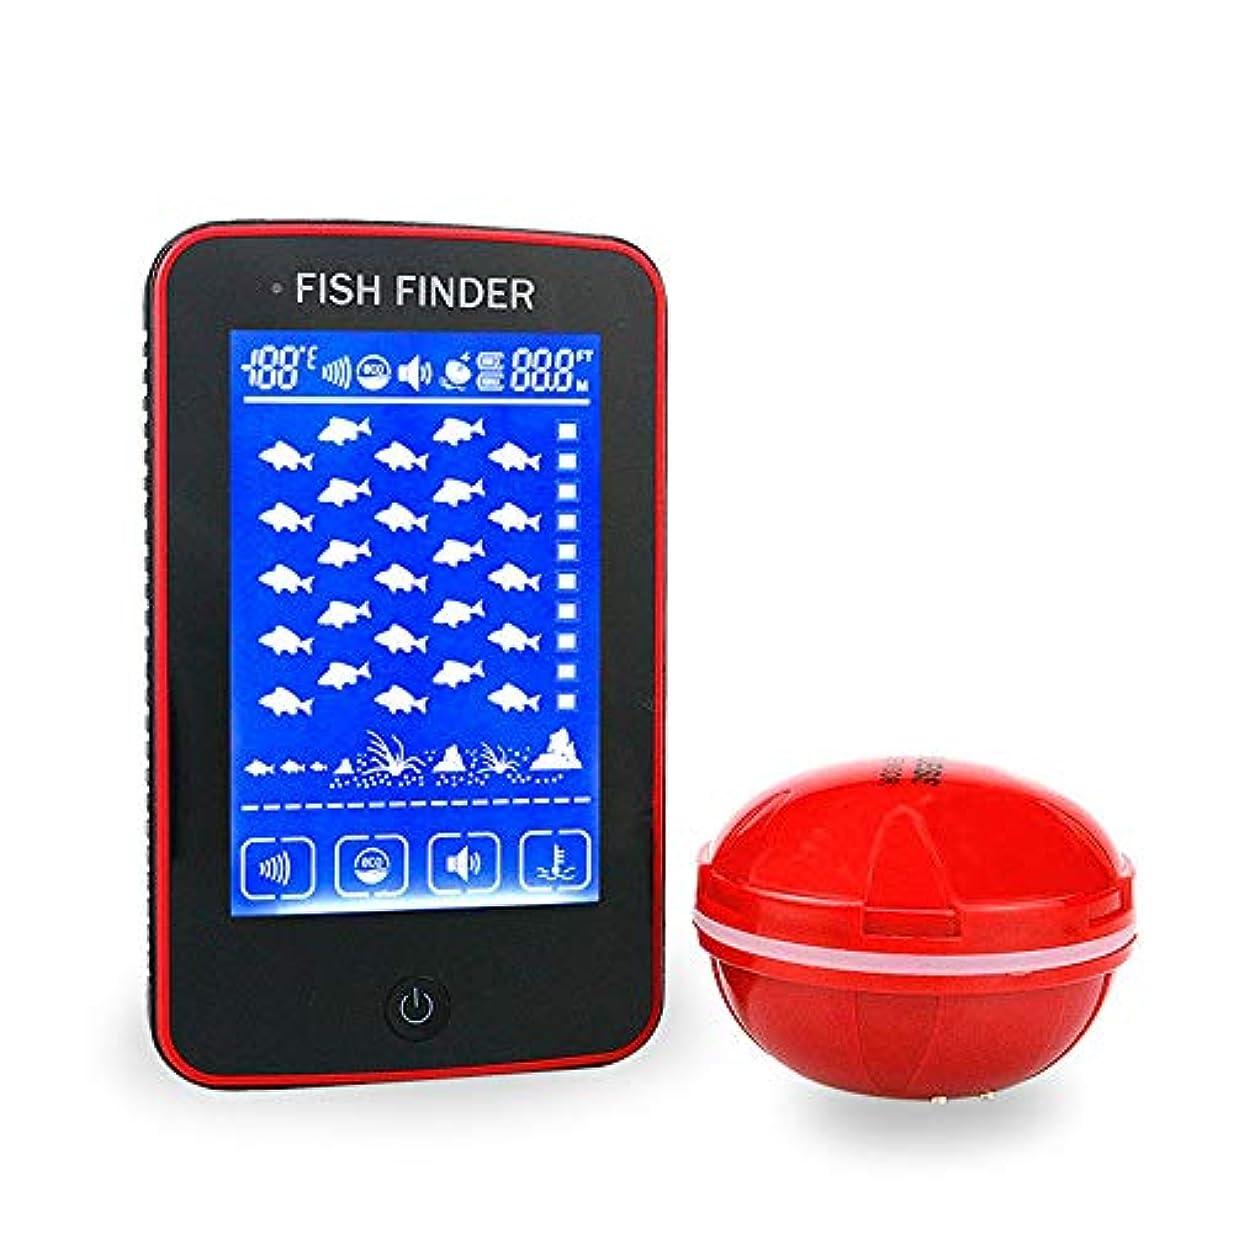 ポータブル ワイヤレス 魚探 投げ釣り ワイヤレスソナー魚群探知機 防水50メートル受信距離 魚を検出するのは簡単 釣り愛好家に適して